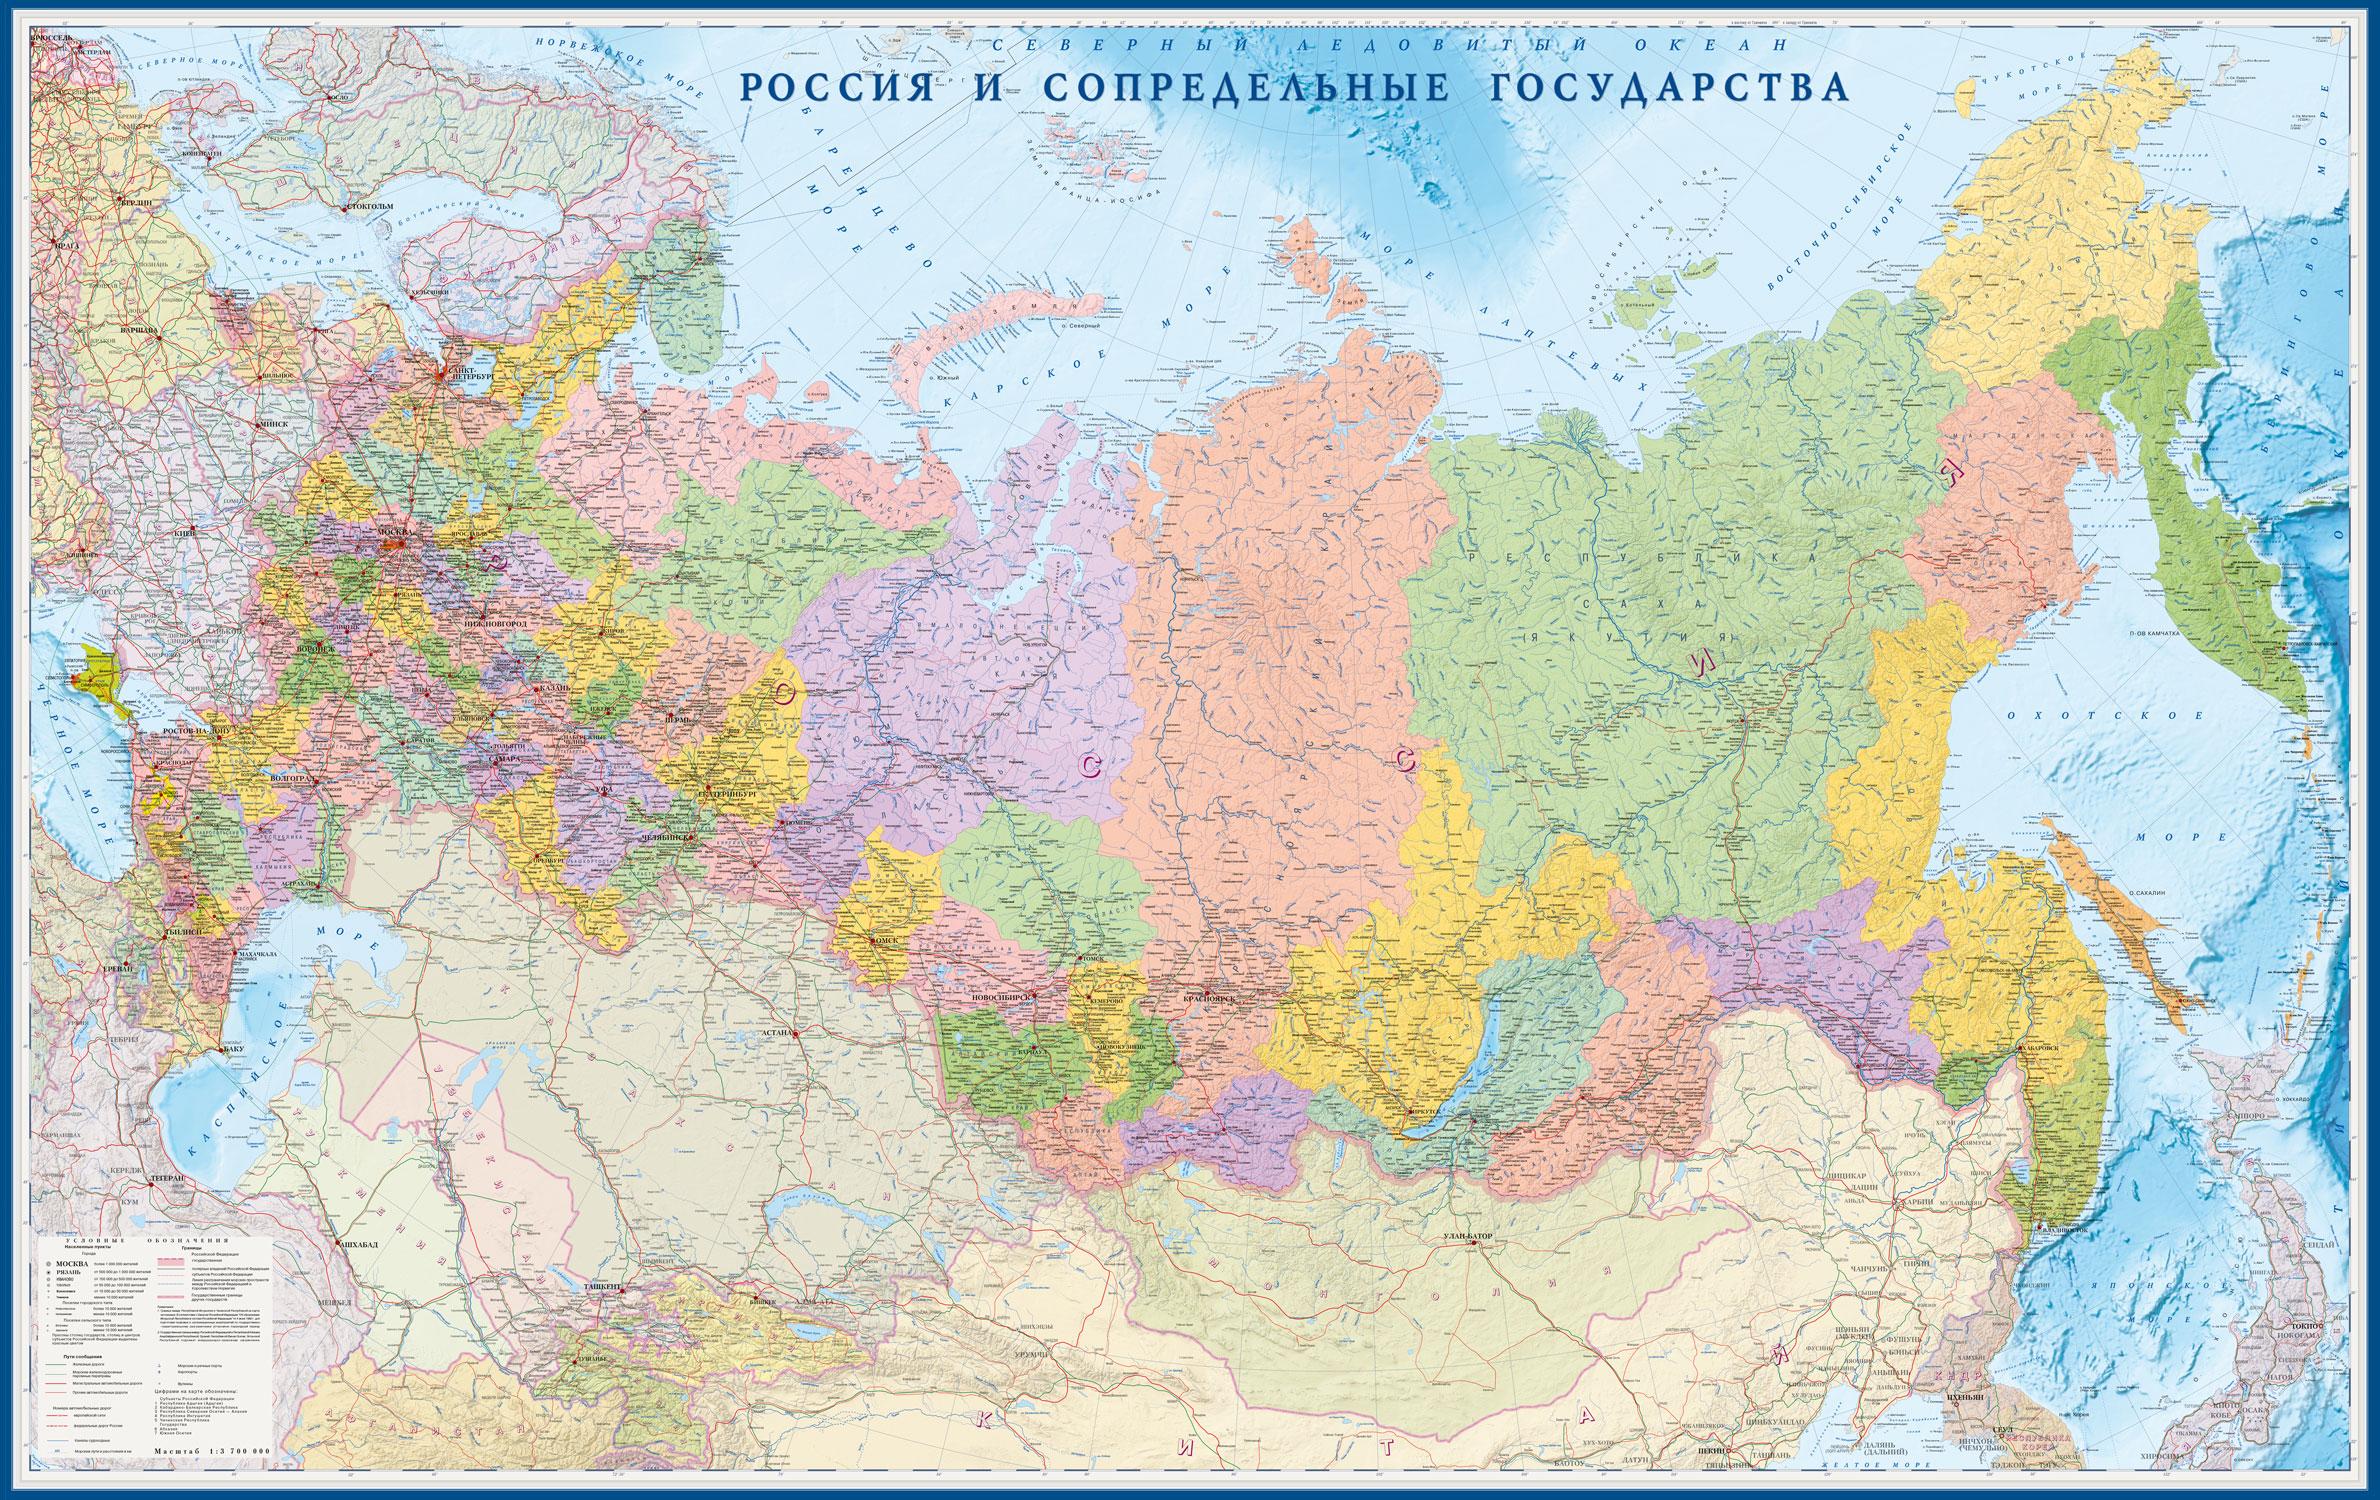 Настенная карта России и сопредельных государств политико-административная размер 2,40*1,50м, ламинированная